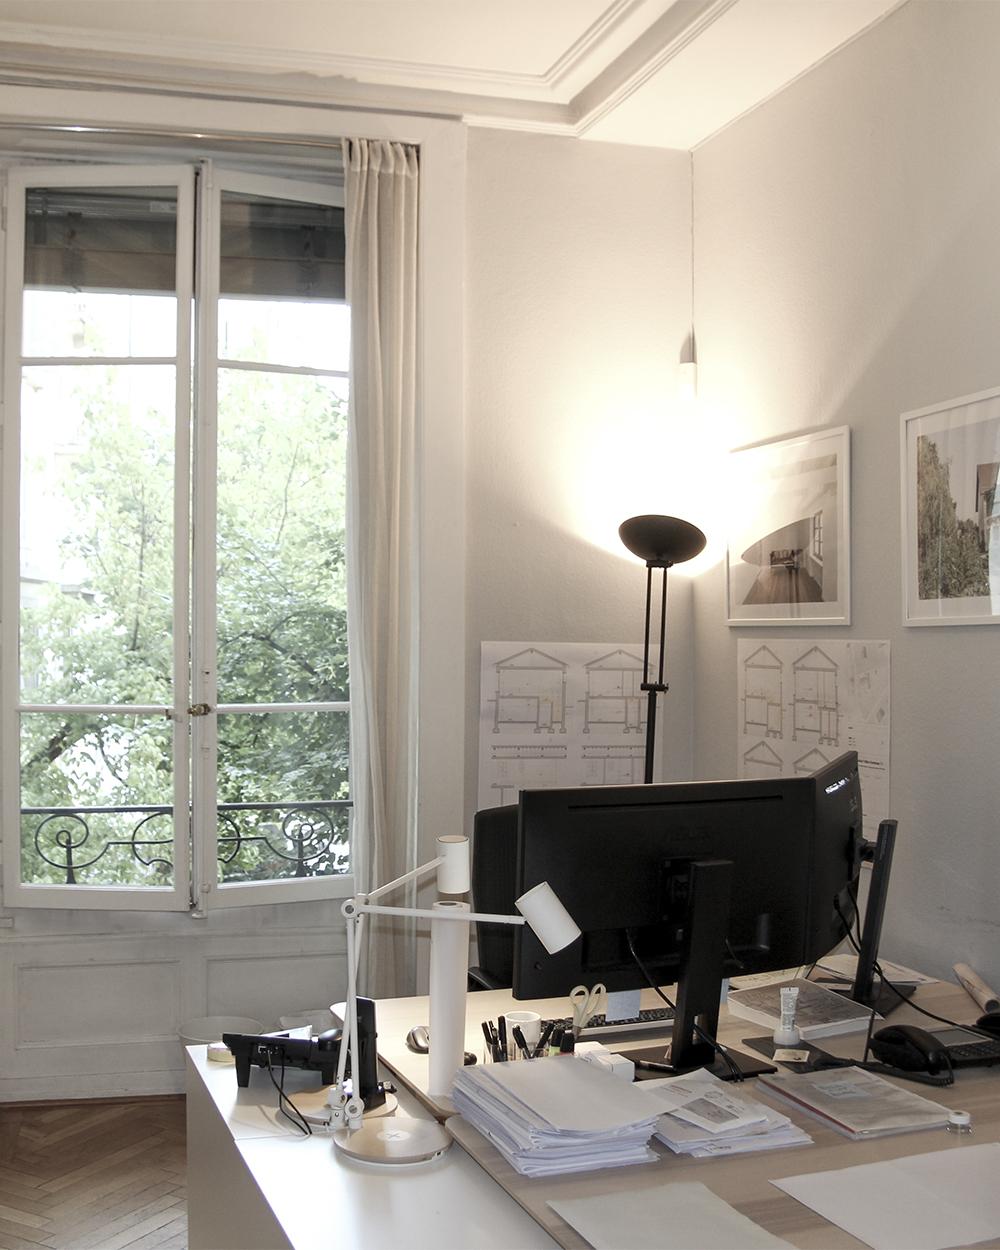 CSDK Architectes Bureau Re%CC%81ame%CC%81nagements 007 - Réaménagement de nos bureaux - CSDK Architectes Bureau Re%CC%81ame%CC%81nagements 007